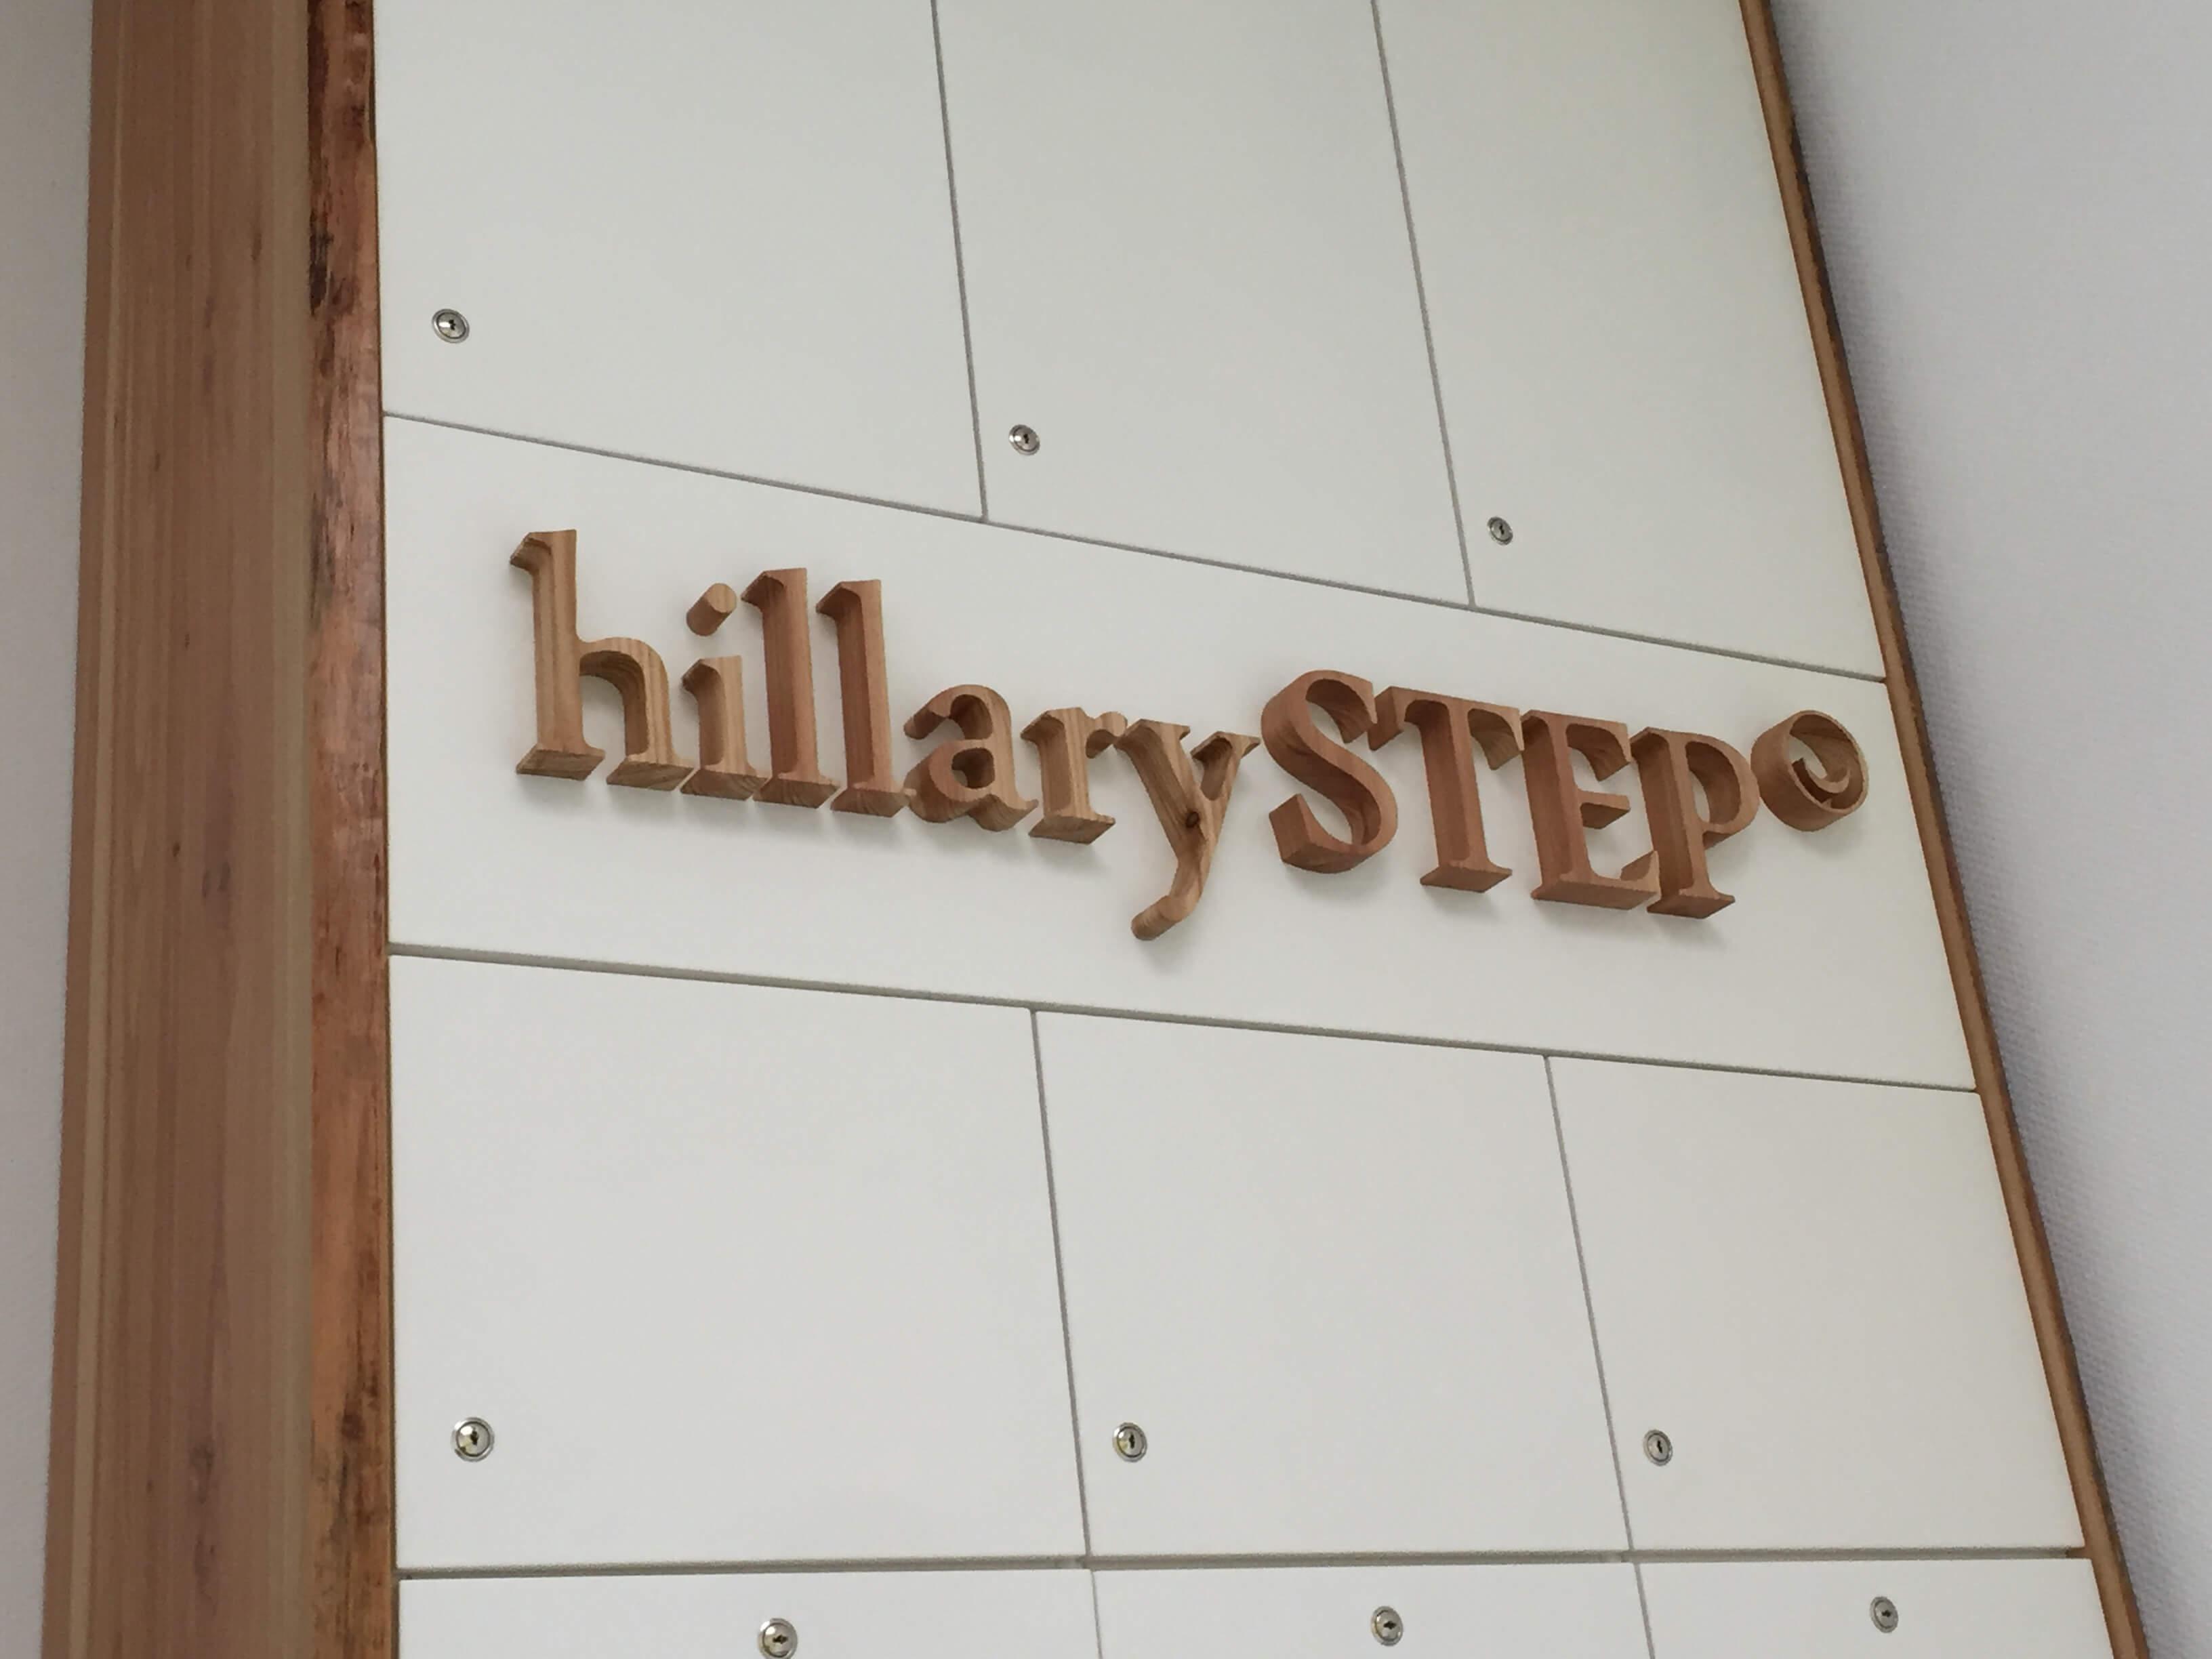 Einbauschrank inkl. abschließbare Türen und 3-D Logo aus Holz hillarySTEP by zinckernagel